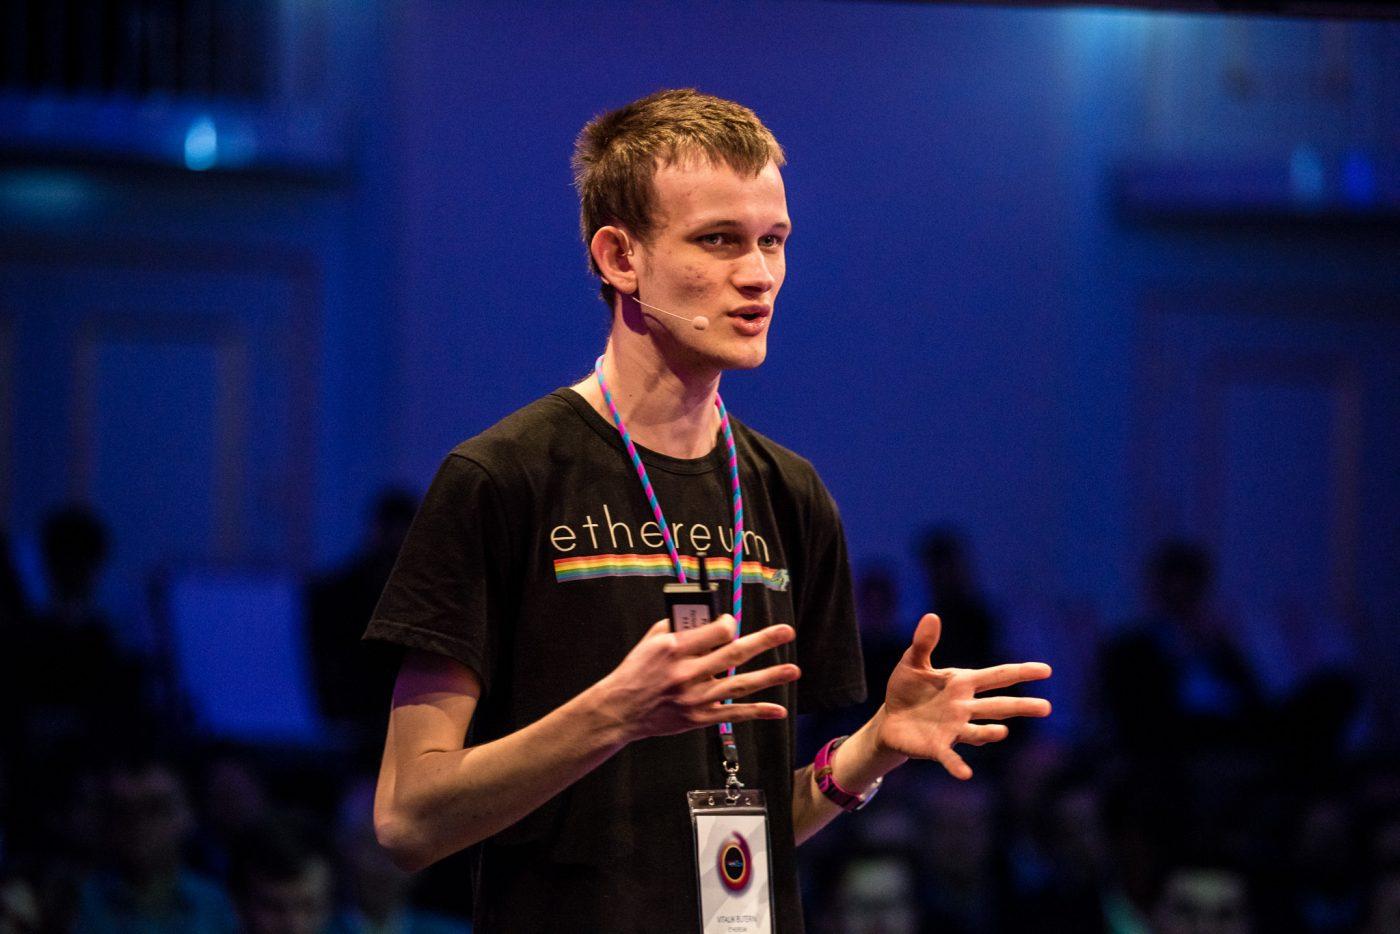 ВиталикБутерин создатель Ethereum